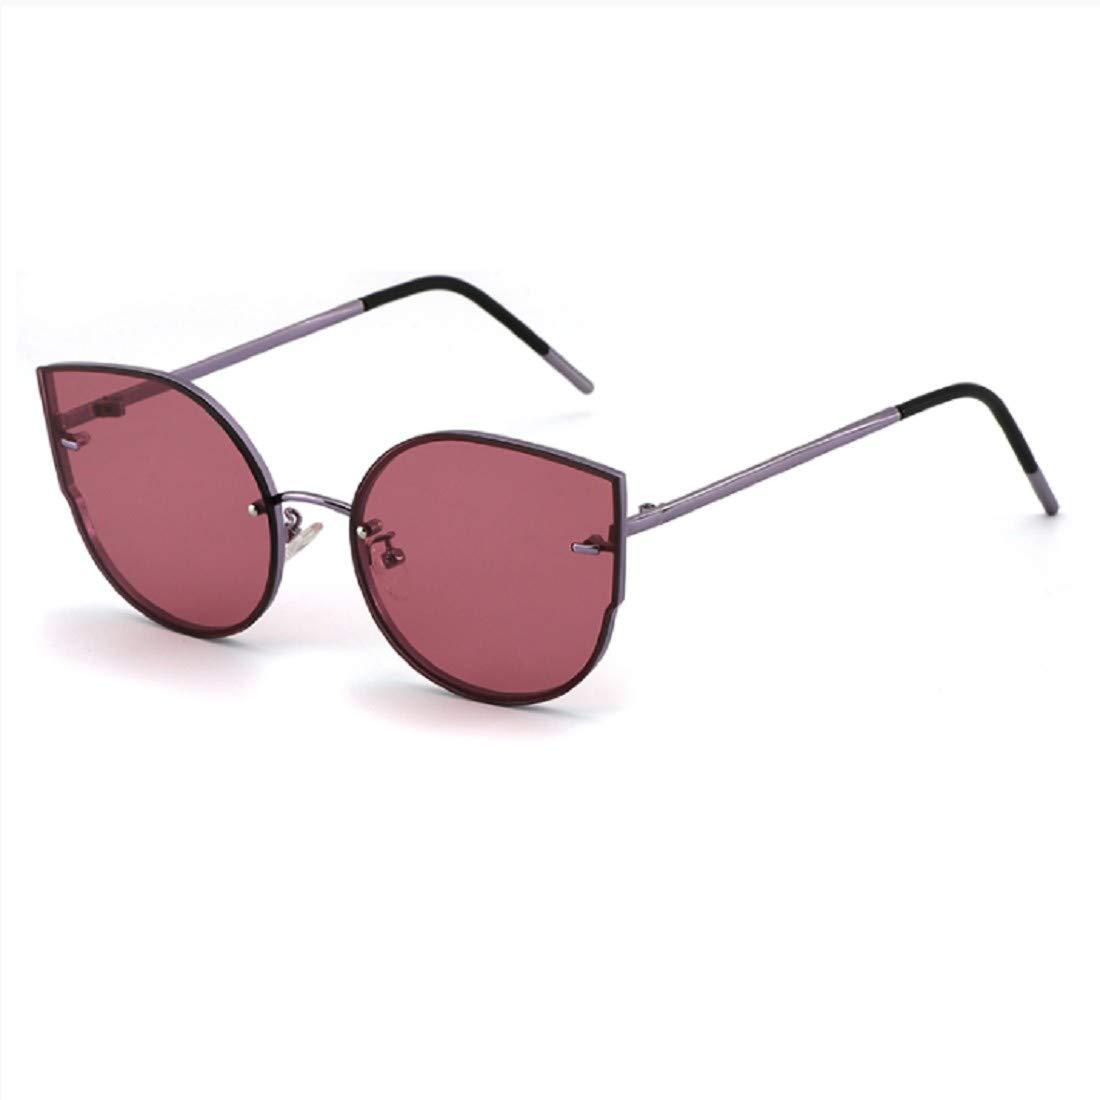 Amazon.com: Gafas de sol para mujer, BOLLH Fashion Cat Eye ...